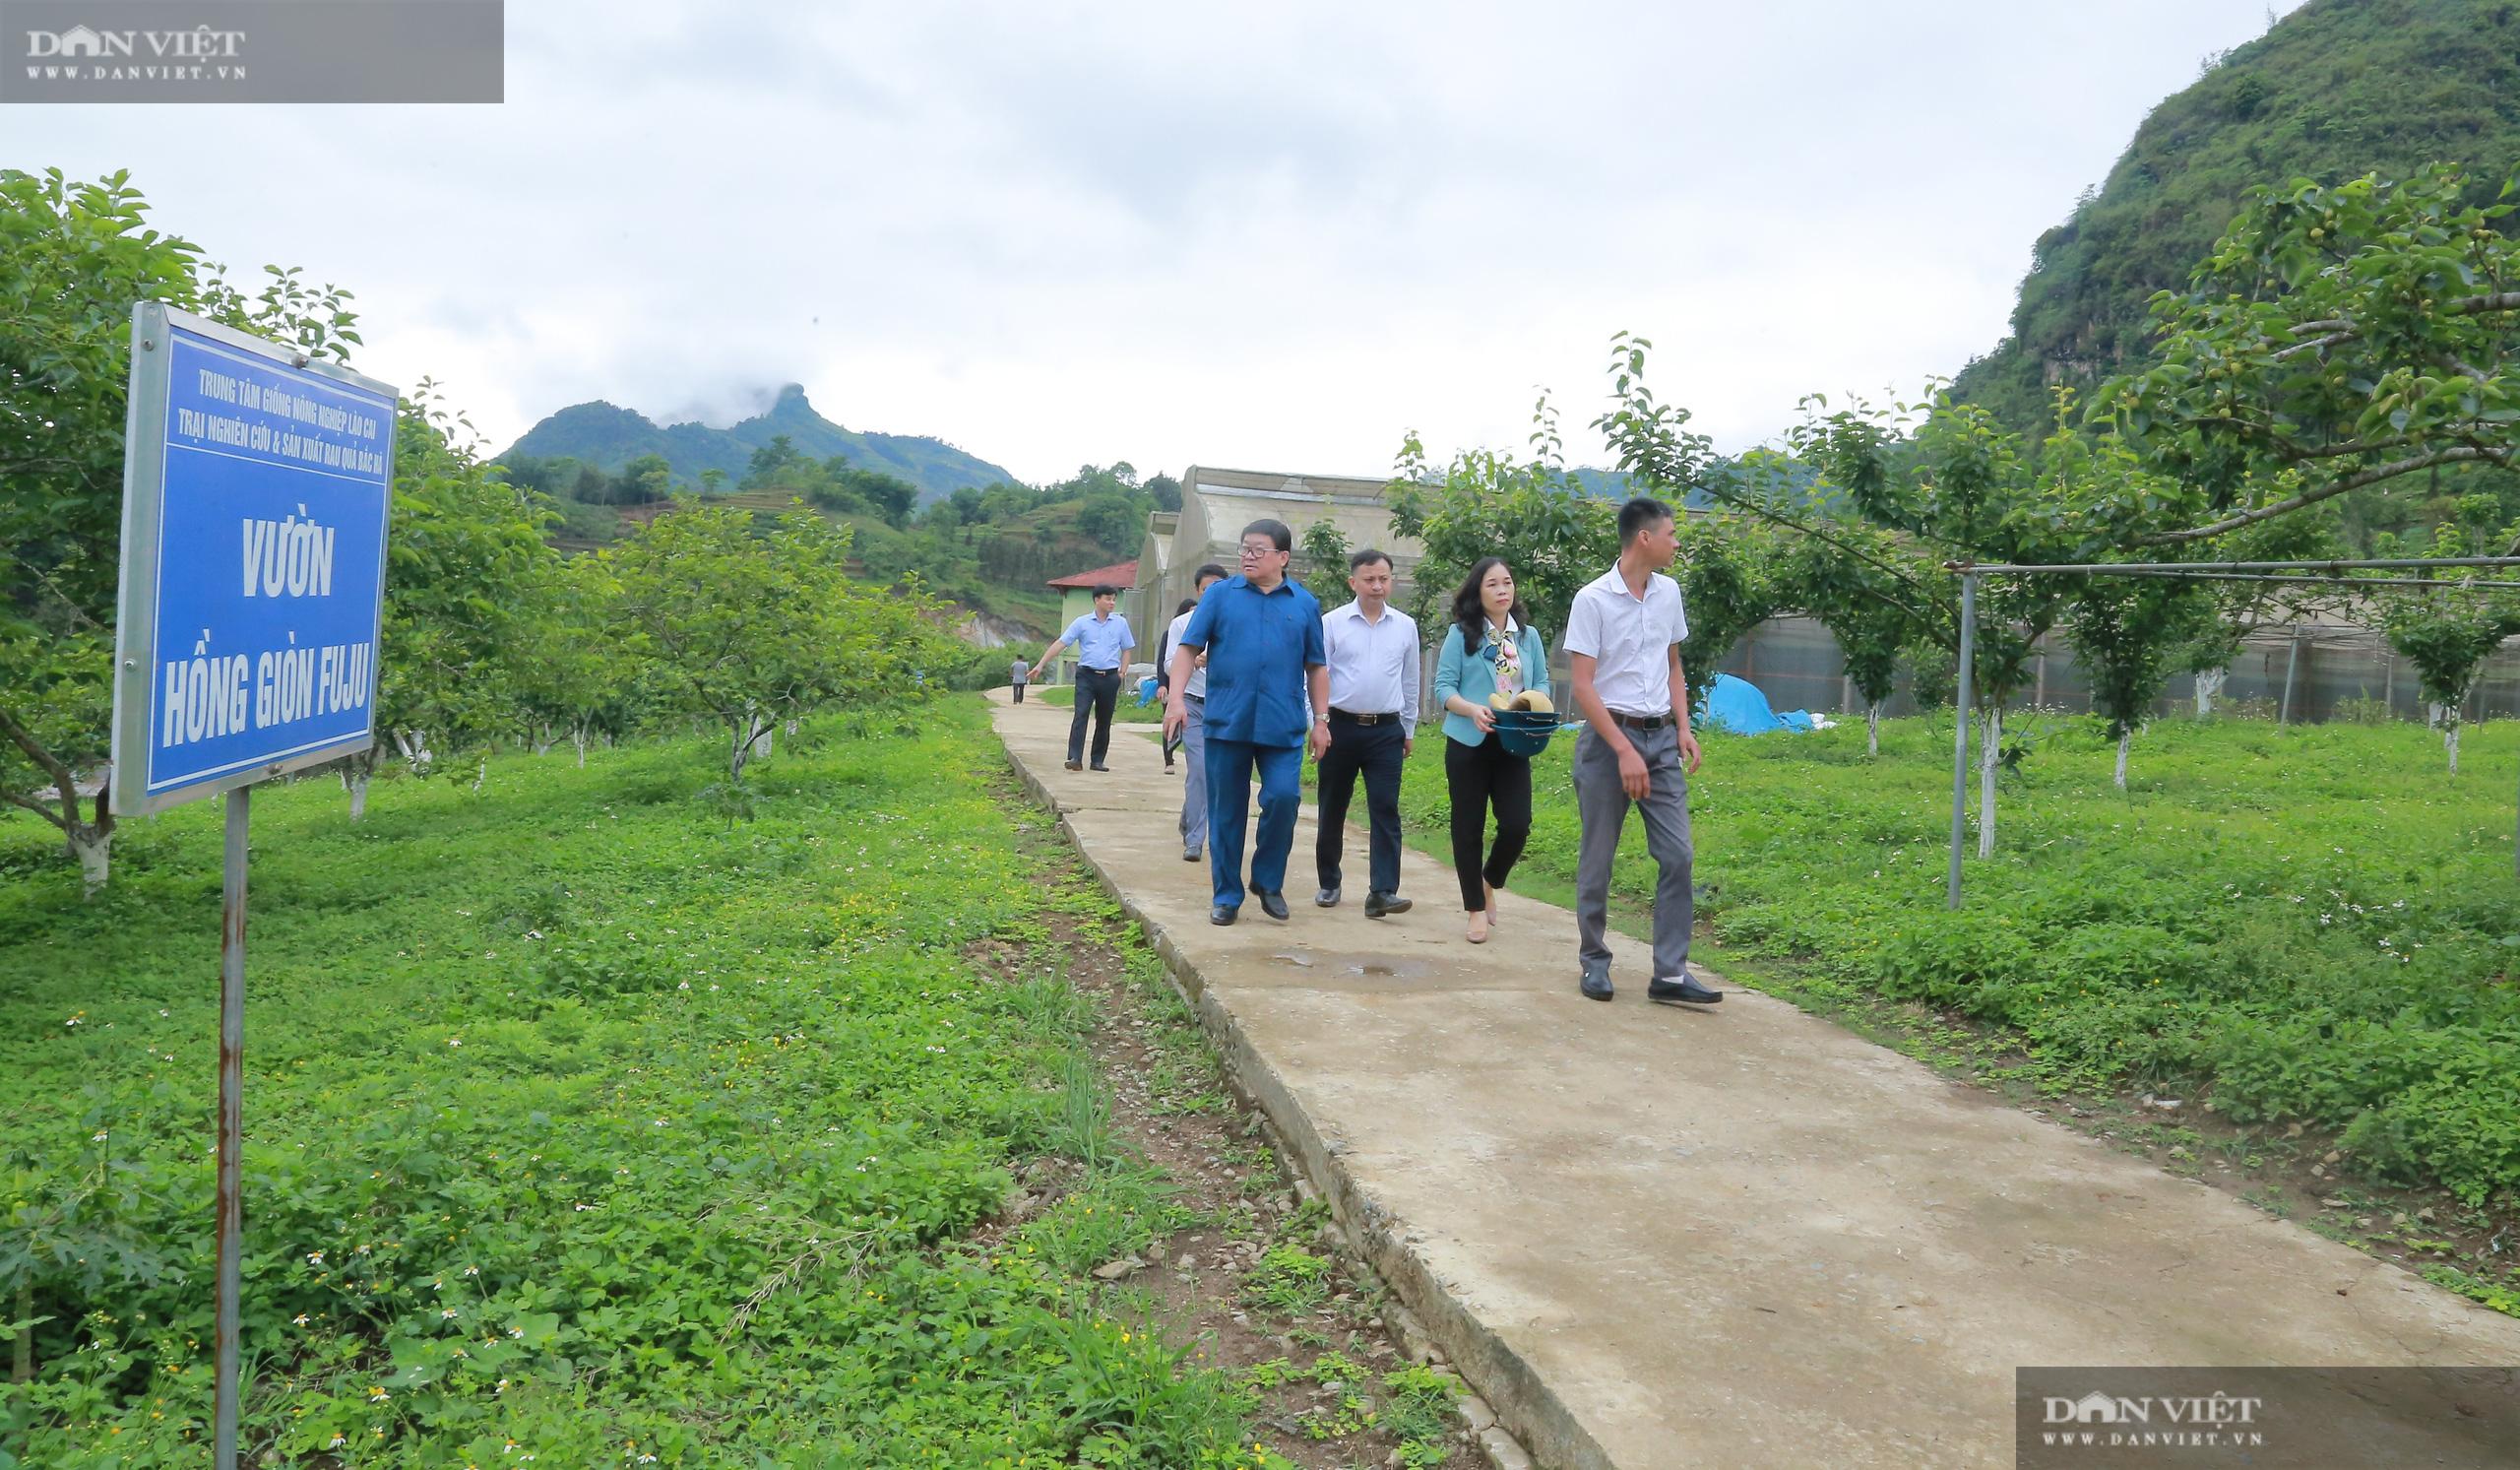 Chủ tịch Hội Nông dân Việt Nam thăm trại nghiên cứu cây ăn quả đặc sản ở biên giới - Ảnh 2.